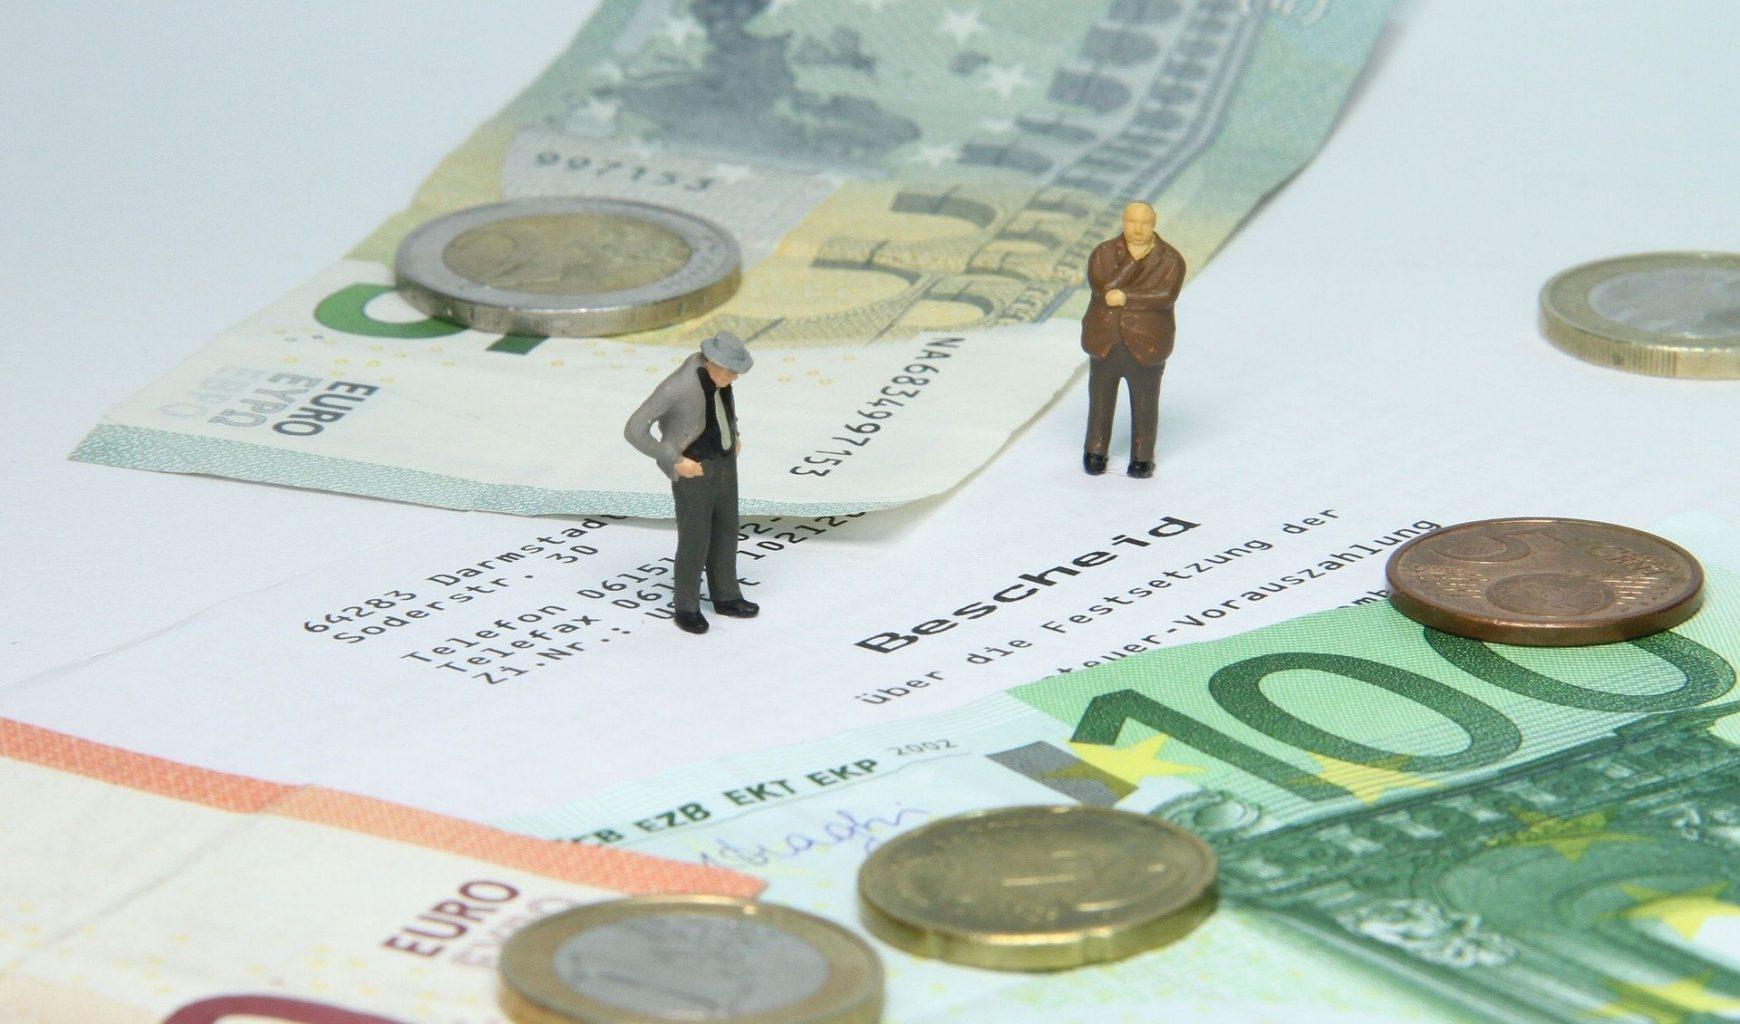 «Фискалы готовы додушить тех, кто выжил», — мажилисмен о налогах на мобильные переводы